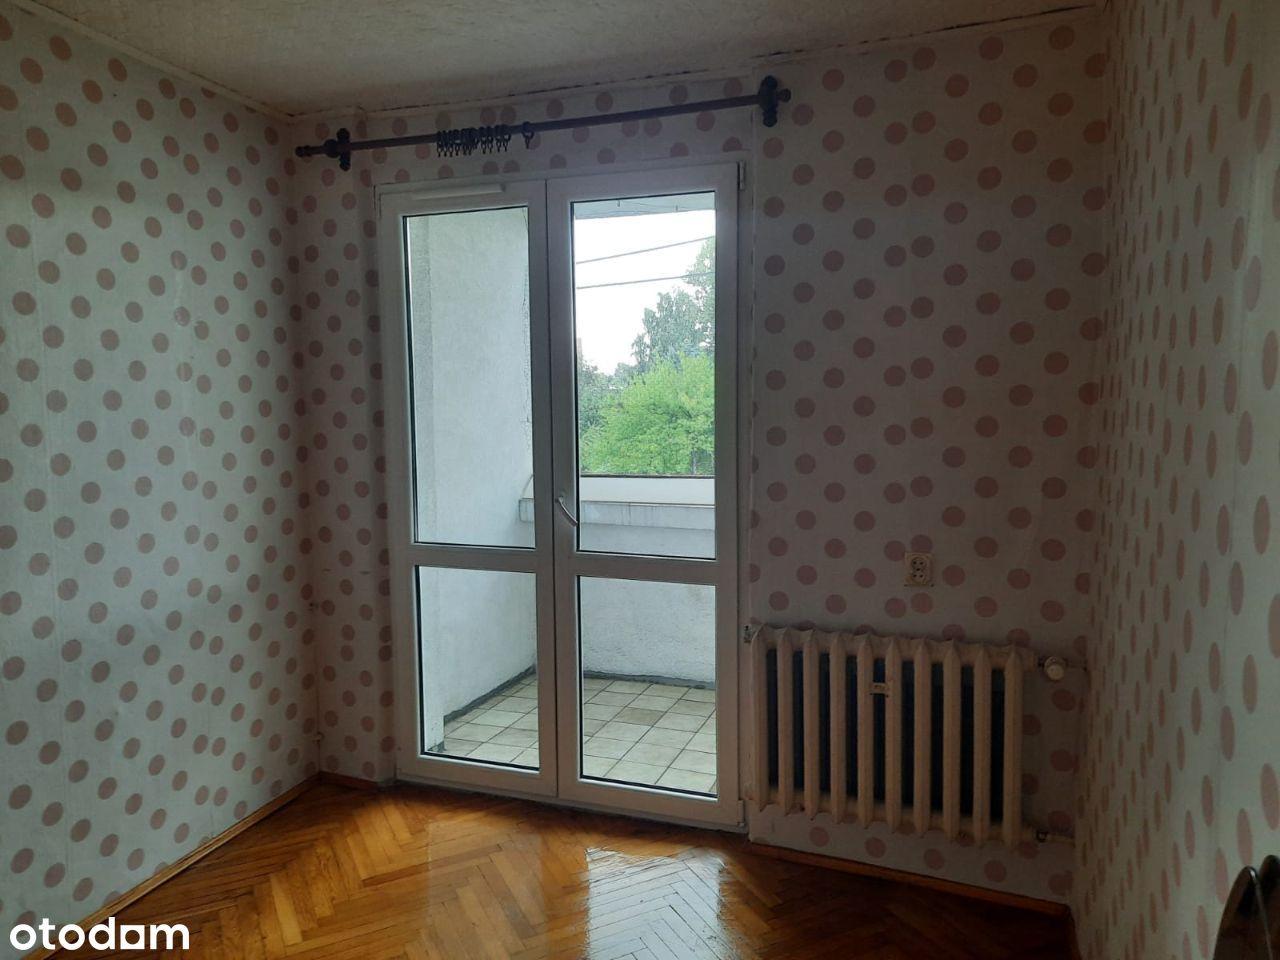 Sosnowiec,Zapolskiej,32 m2, blok, CO, bezpośrednio